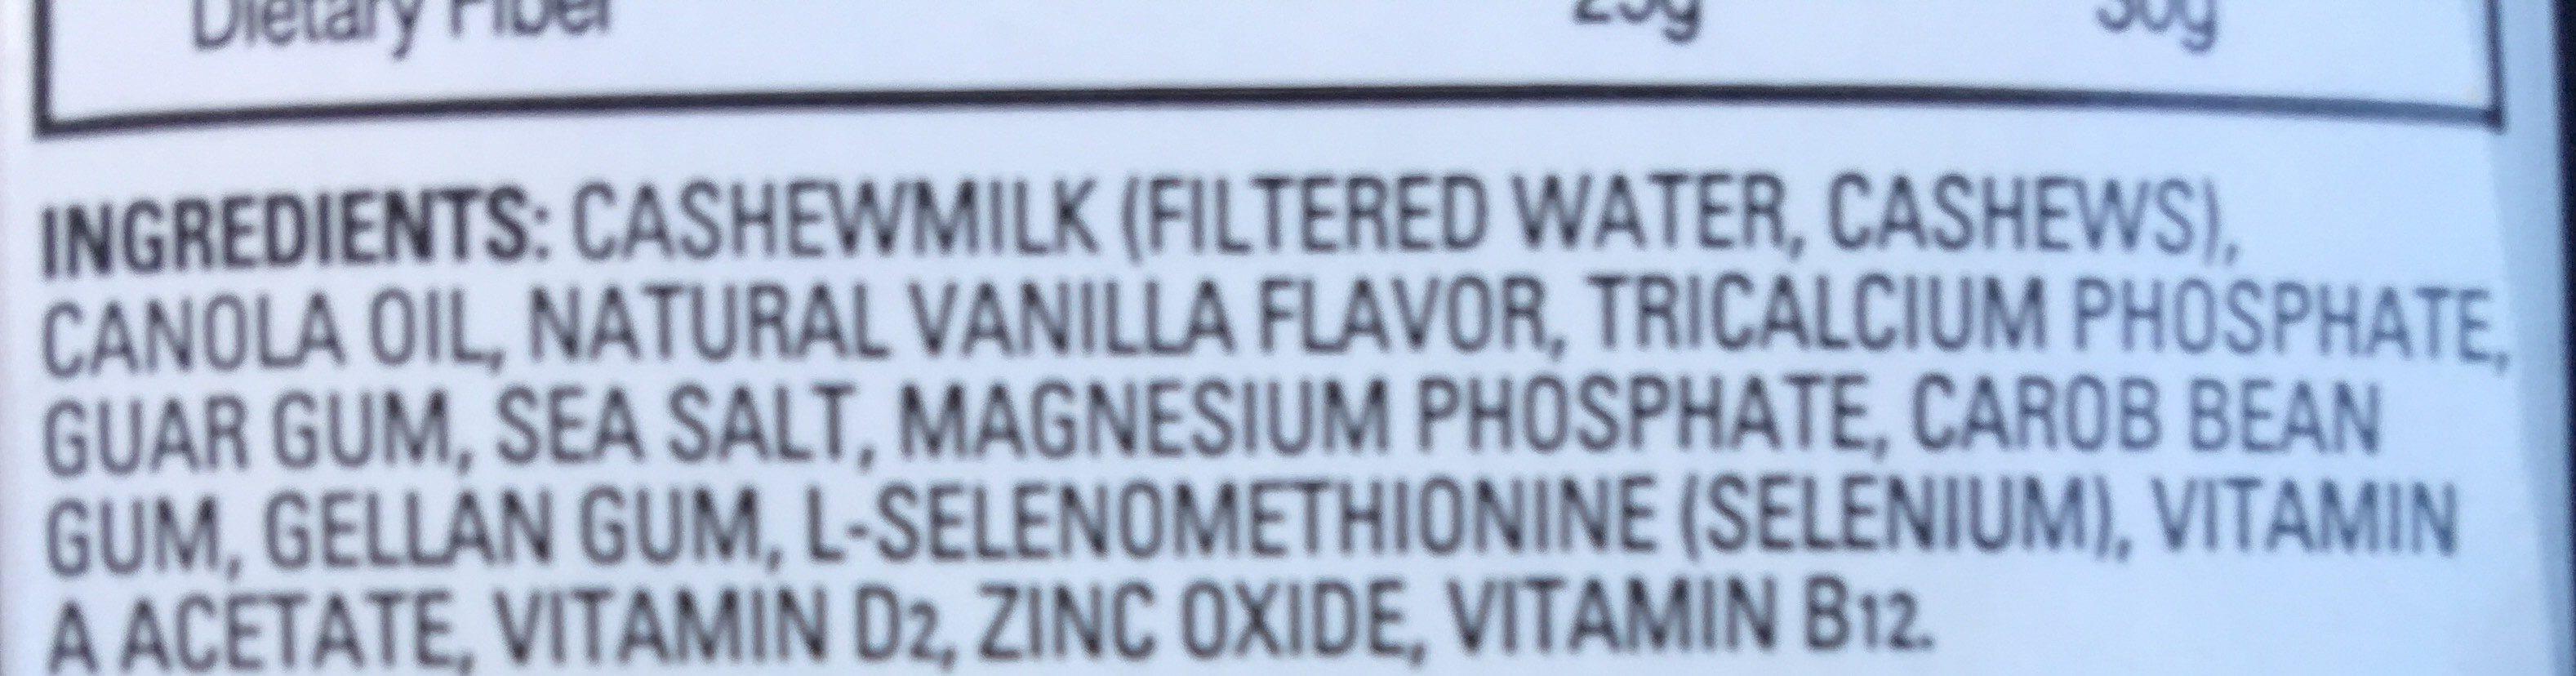 Unsweetened vanilla cashewmilk beverage - Ingrédients - fr